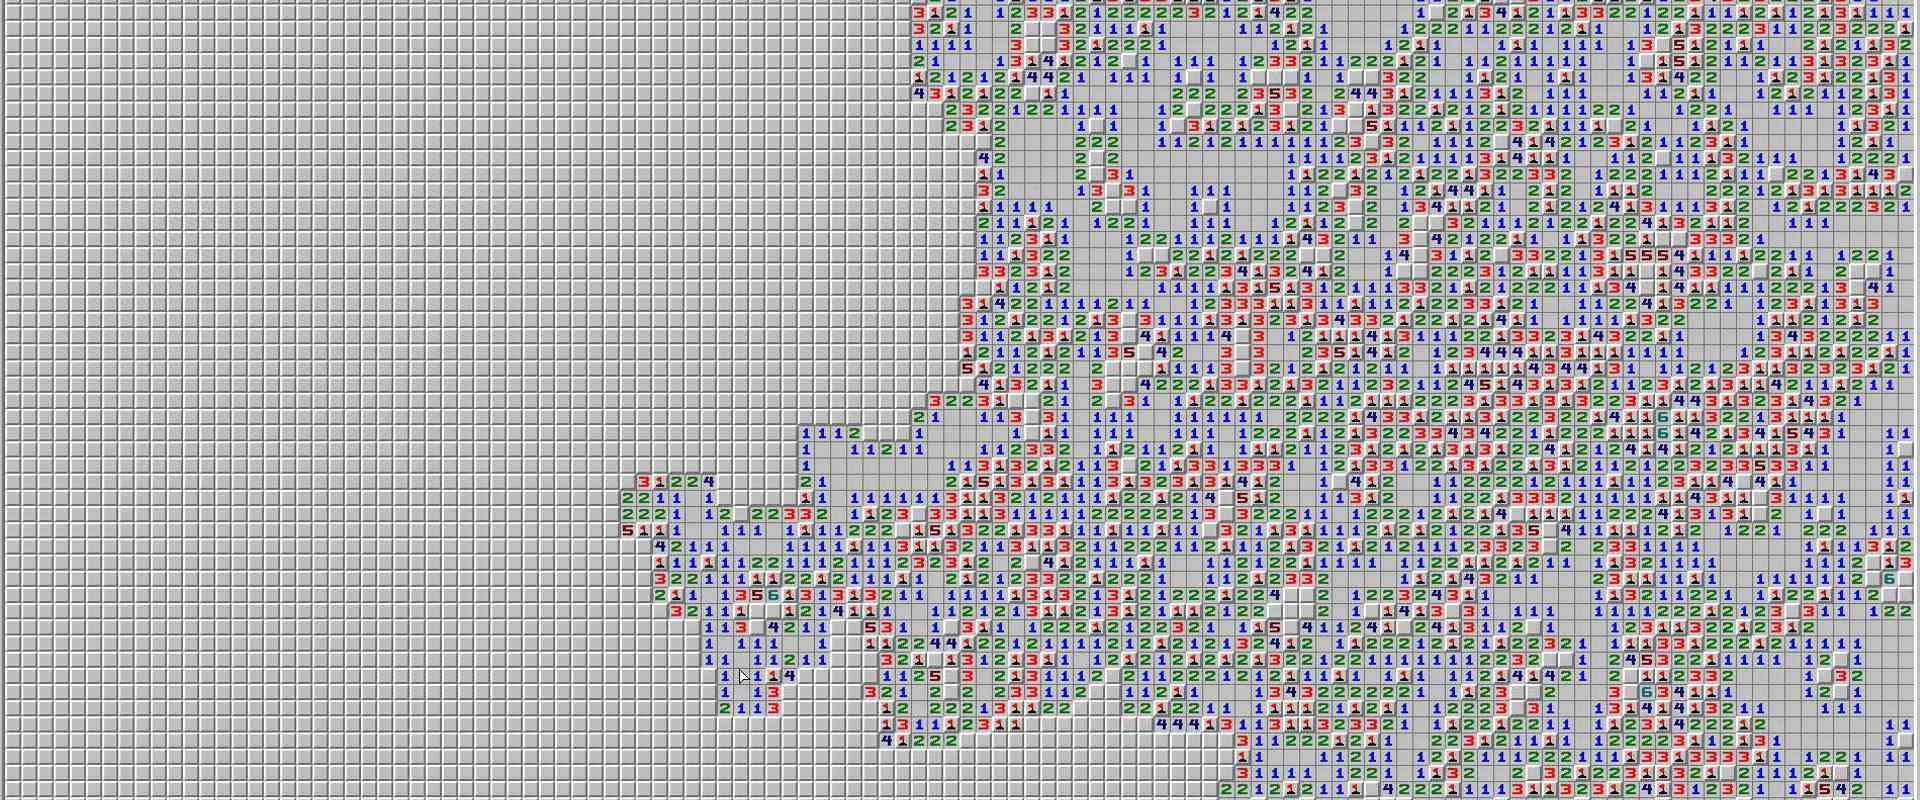 Igre Solitaire i Minesweeper nisu izmišljene zbog igranja